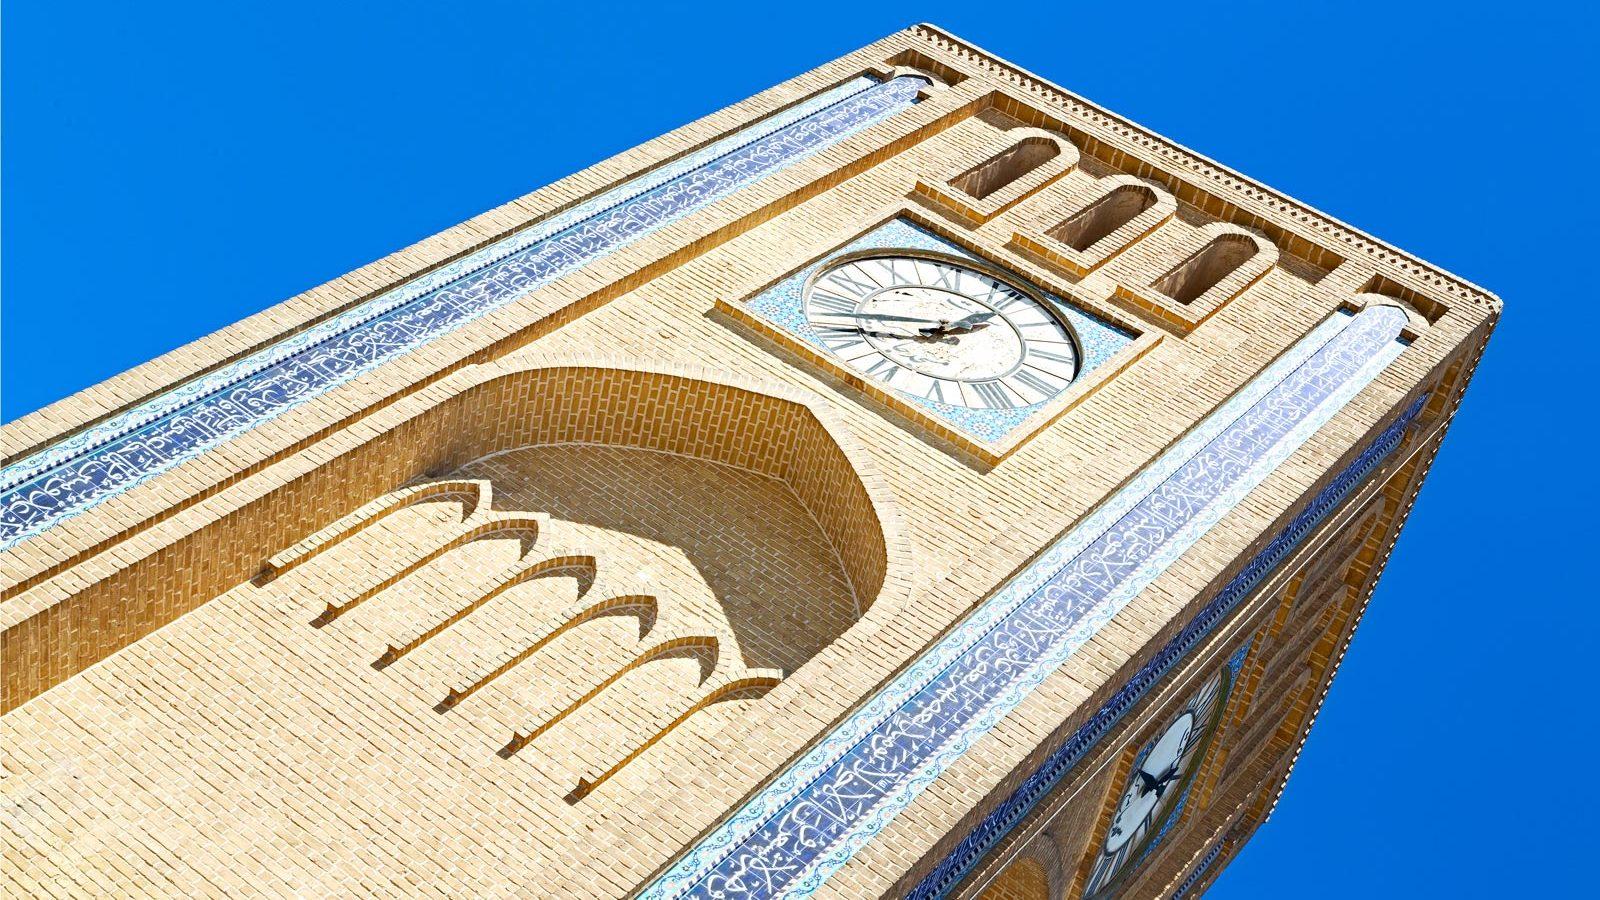 جاذبه های توریستی یزد : میدان ساعت